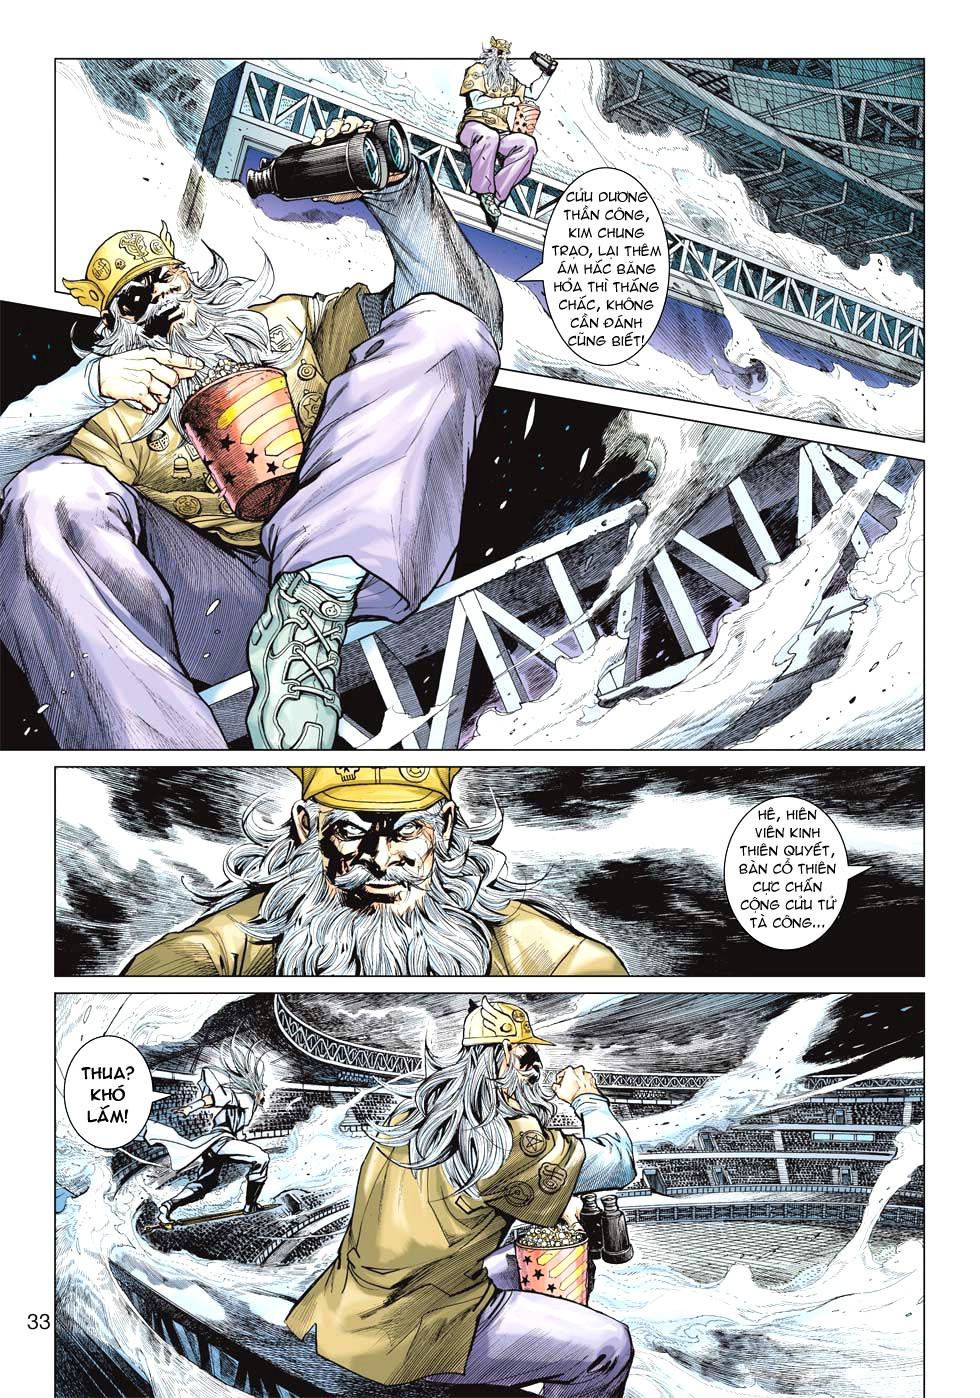 Vương Phong Lôi 1 chap 27 - Trang 30